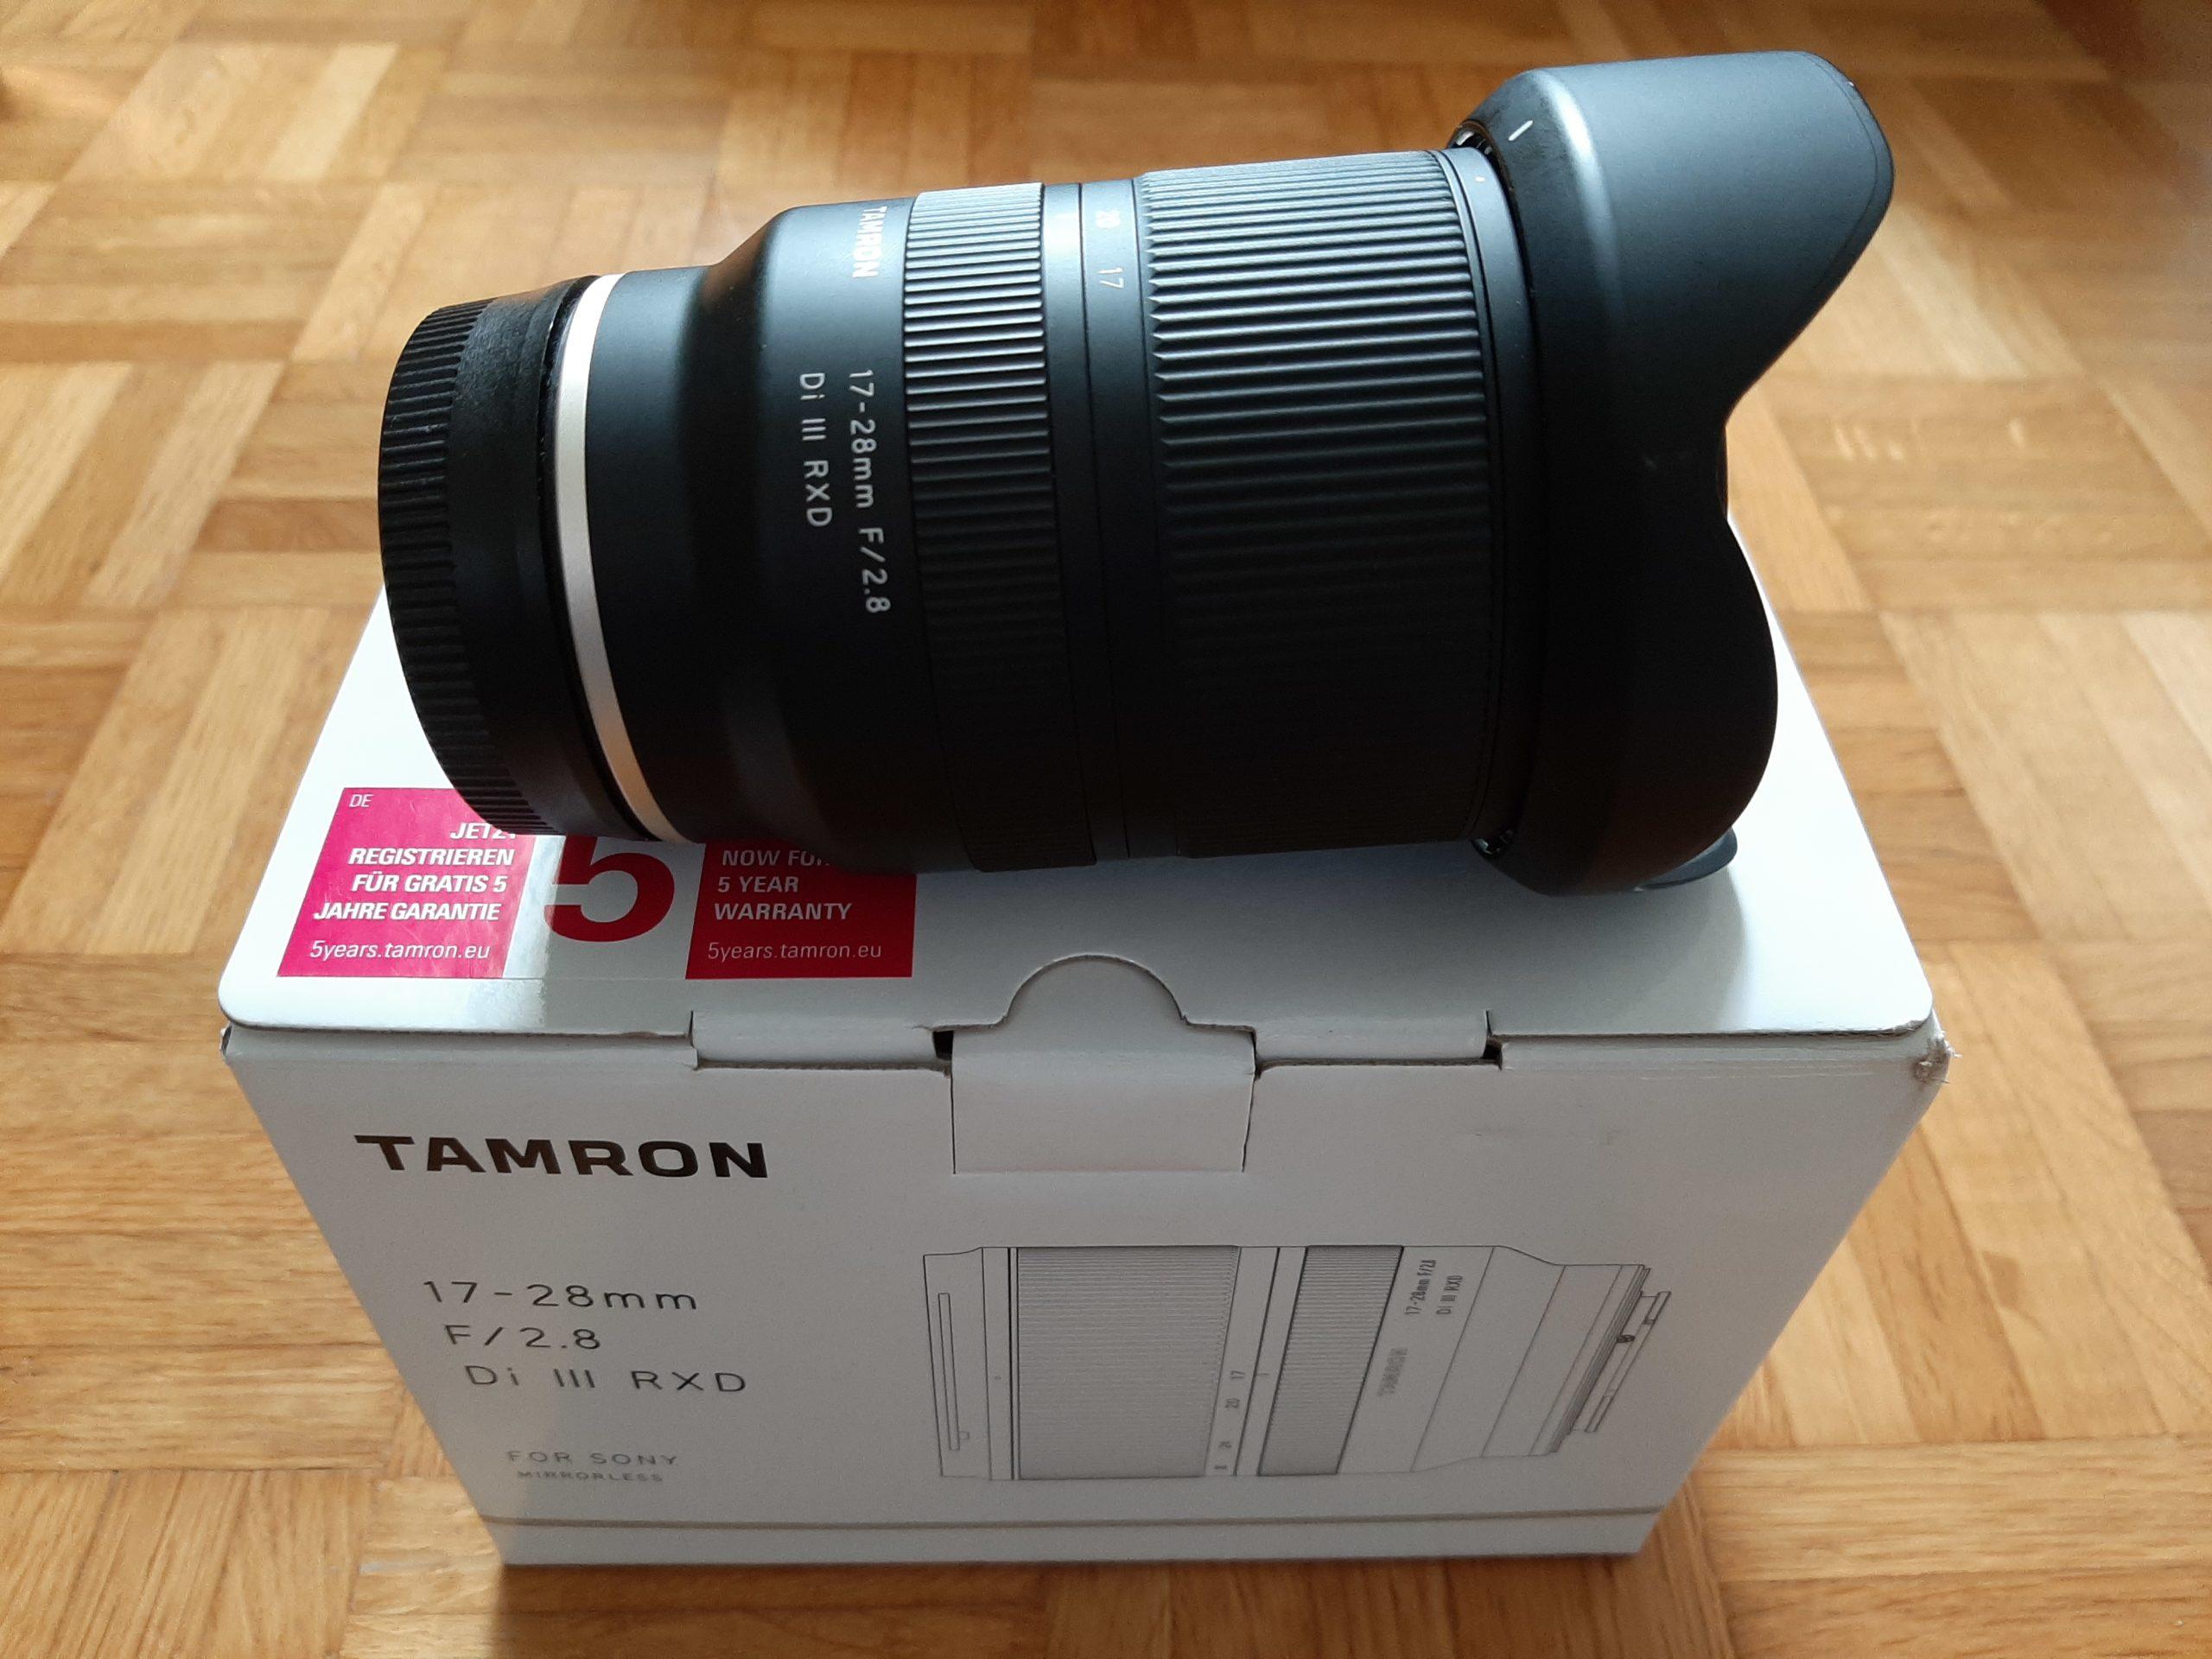 Tamron 17-28mm f2.8